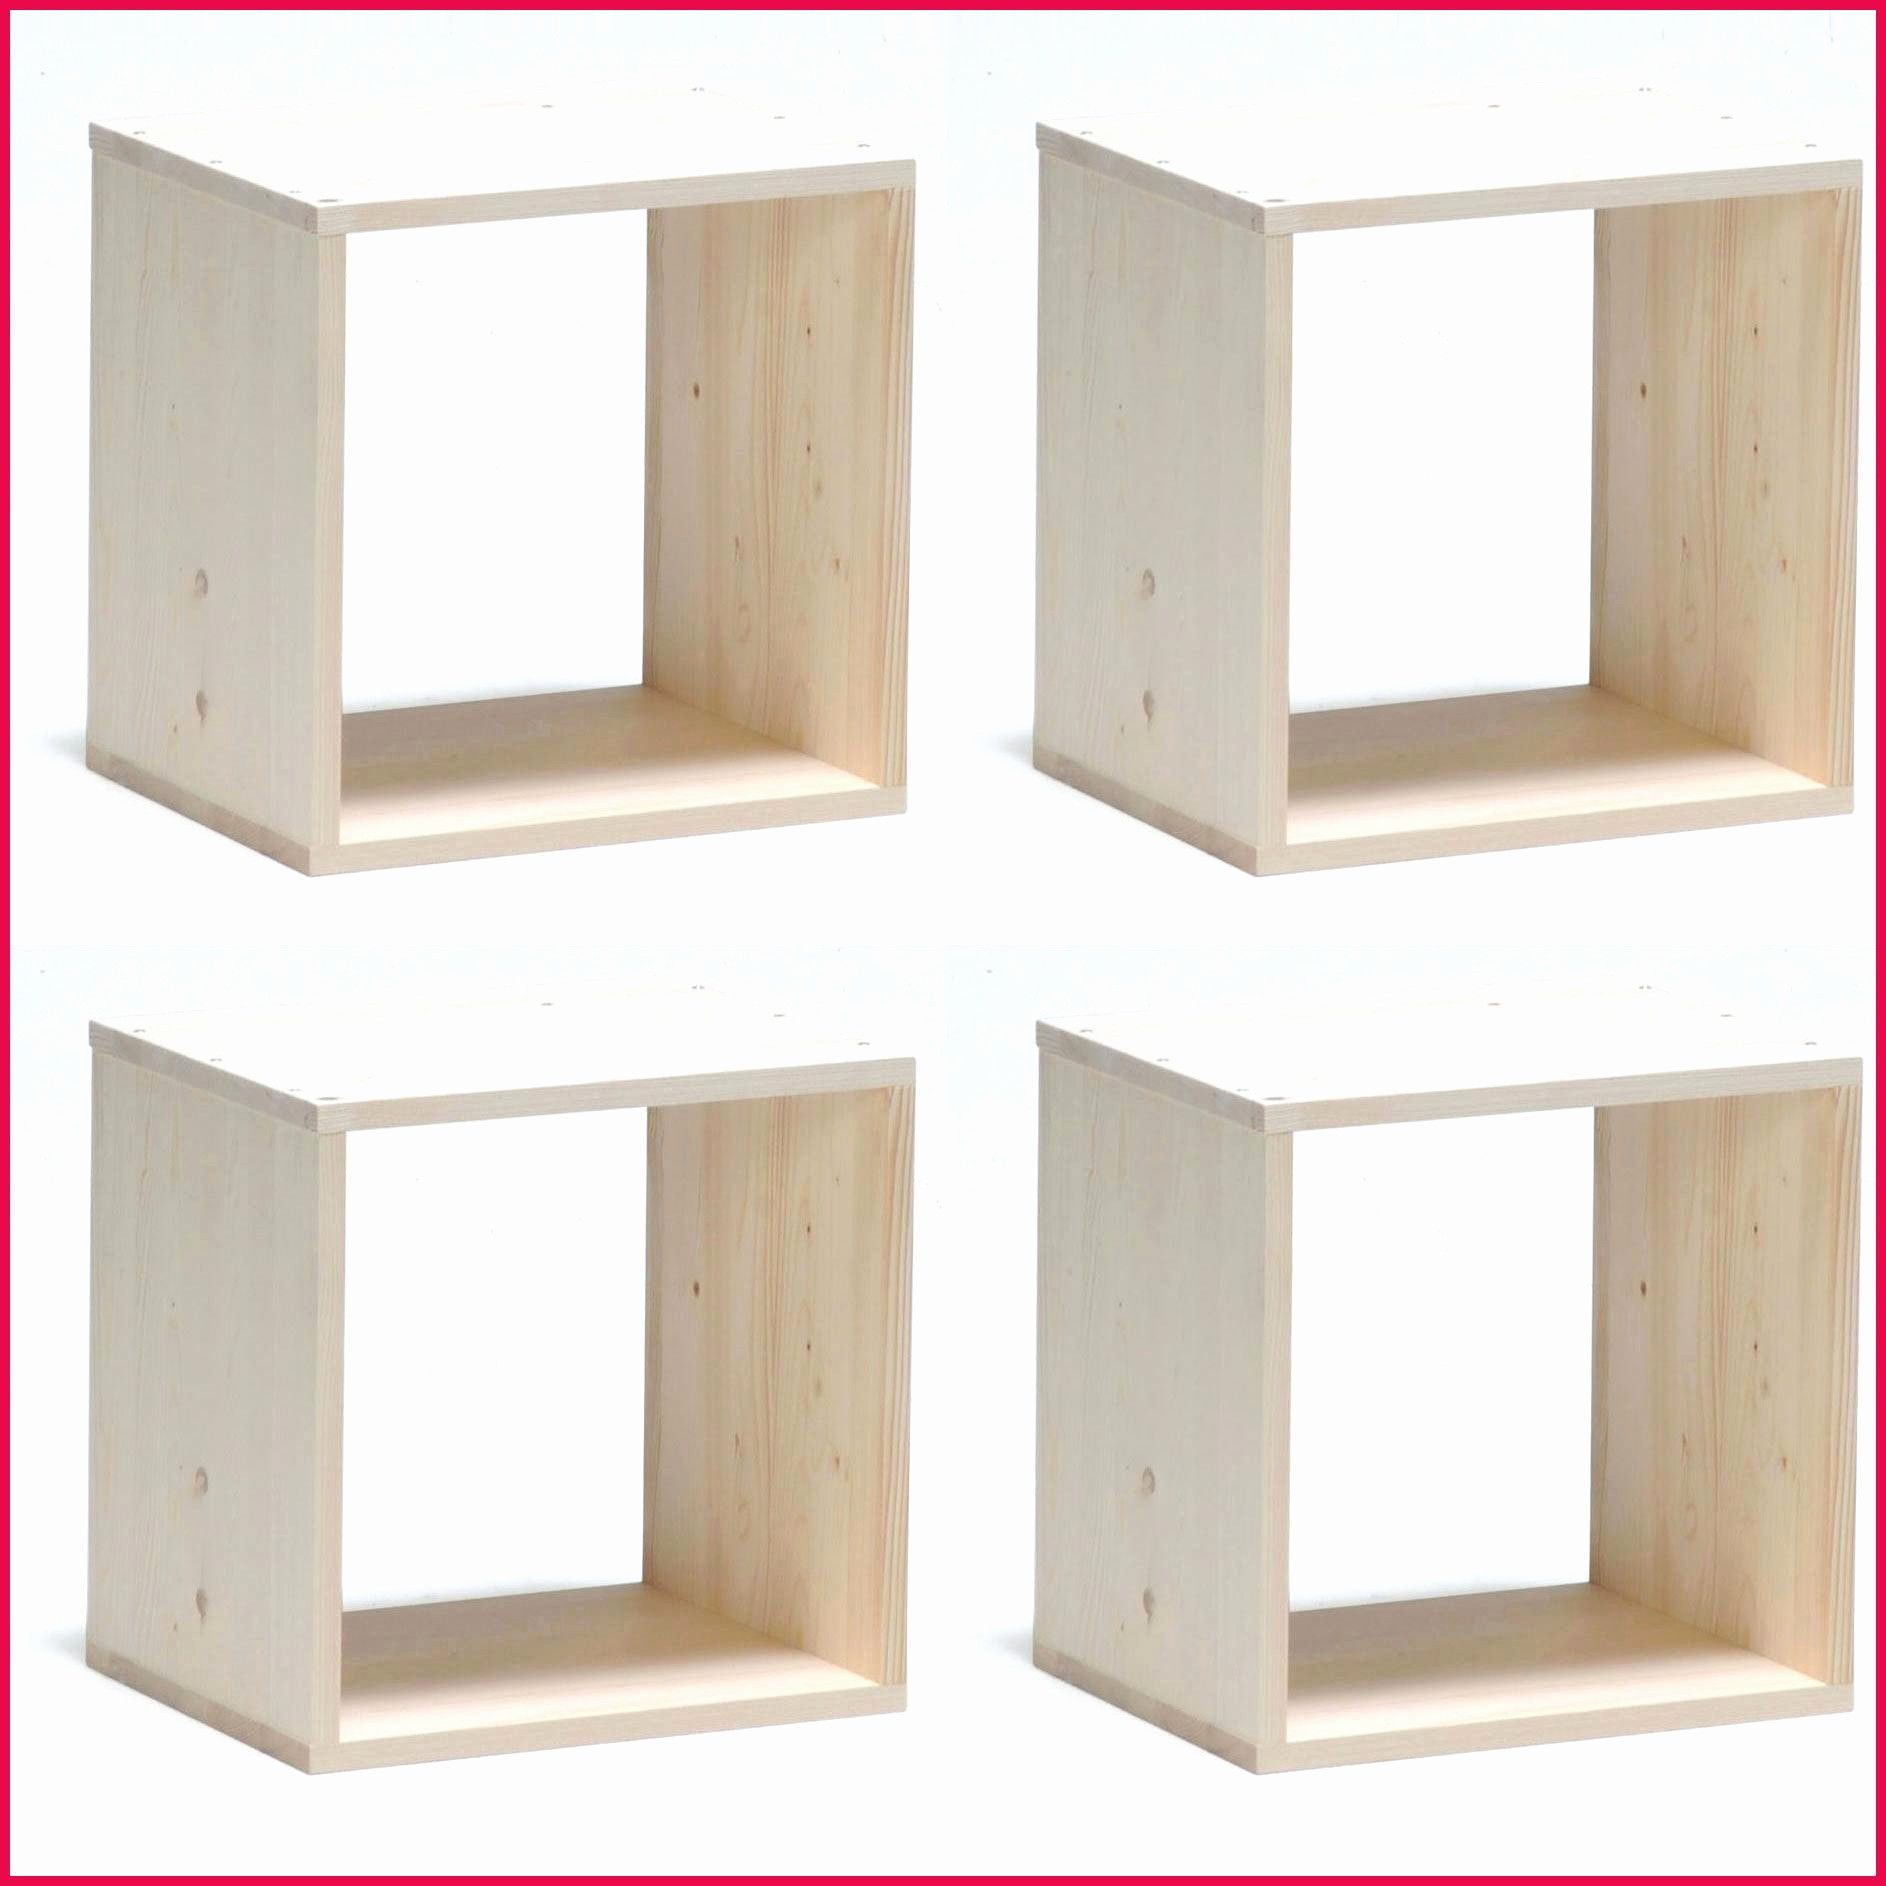 Luxury Vis Castorama Etagere Cube Bois Armoire Rangement Etagere Bois